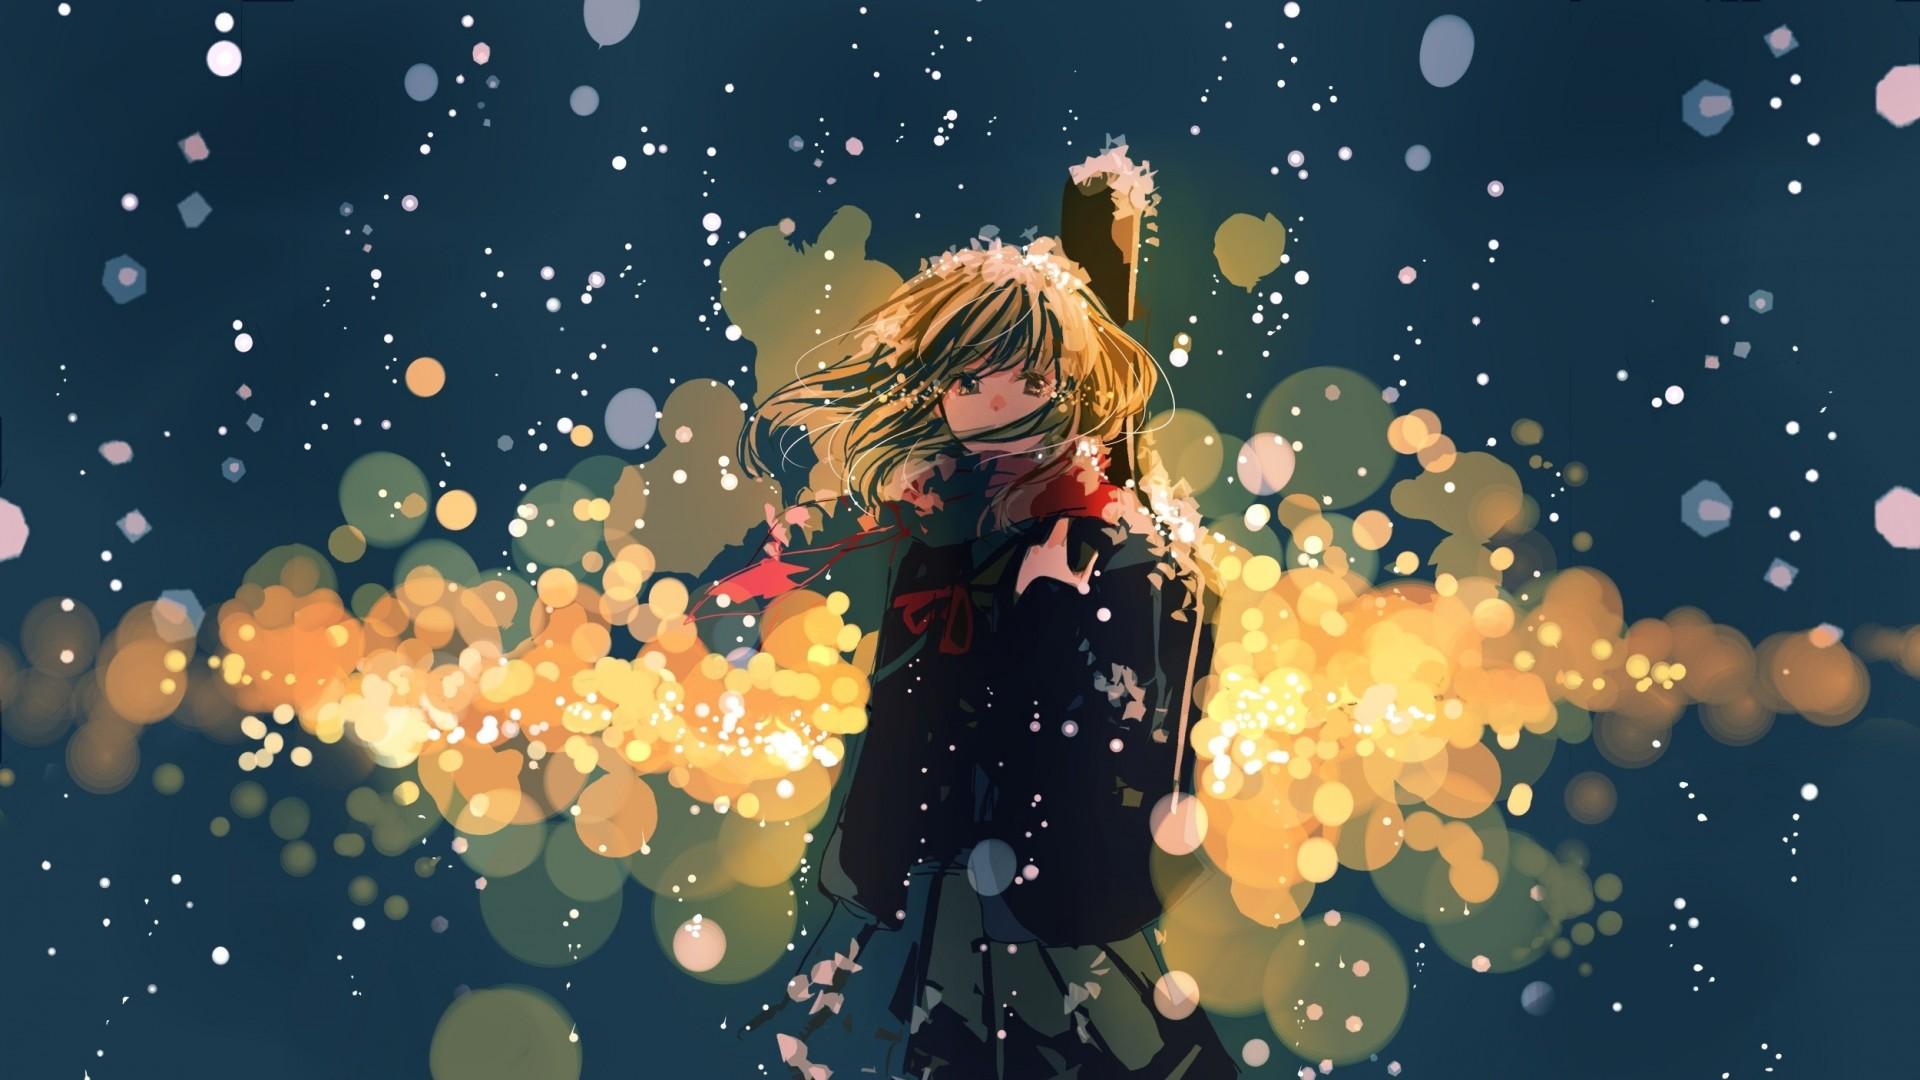 anime-girl-bokeh-school-uniform-scarf.jpg